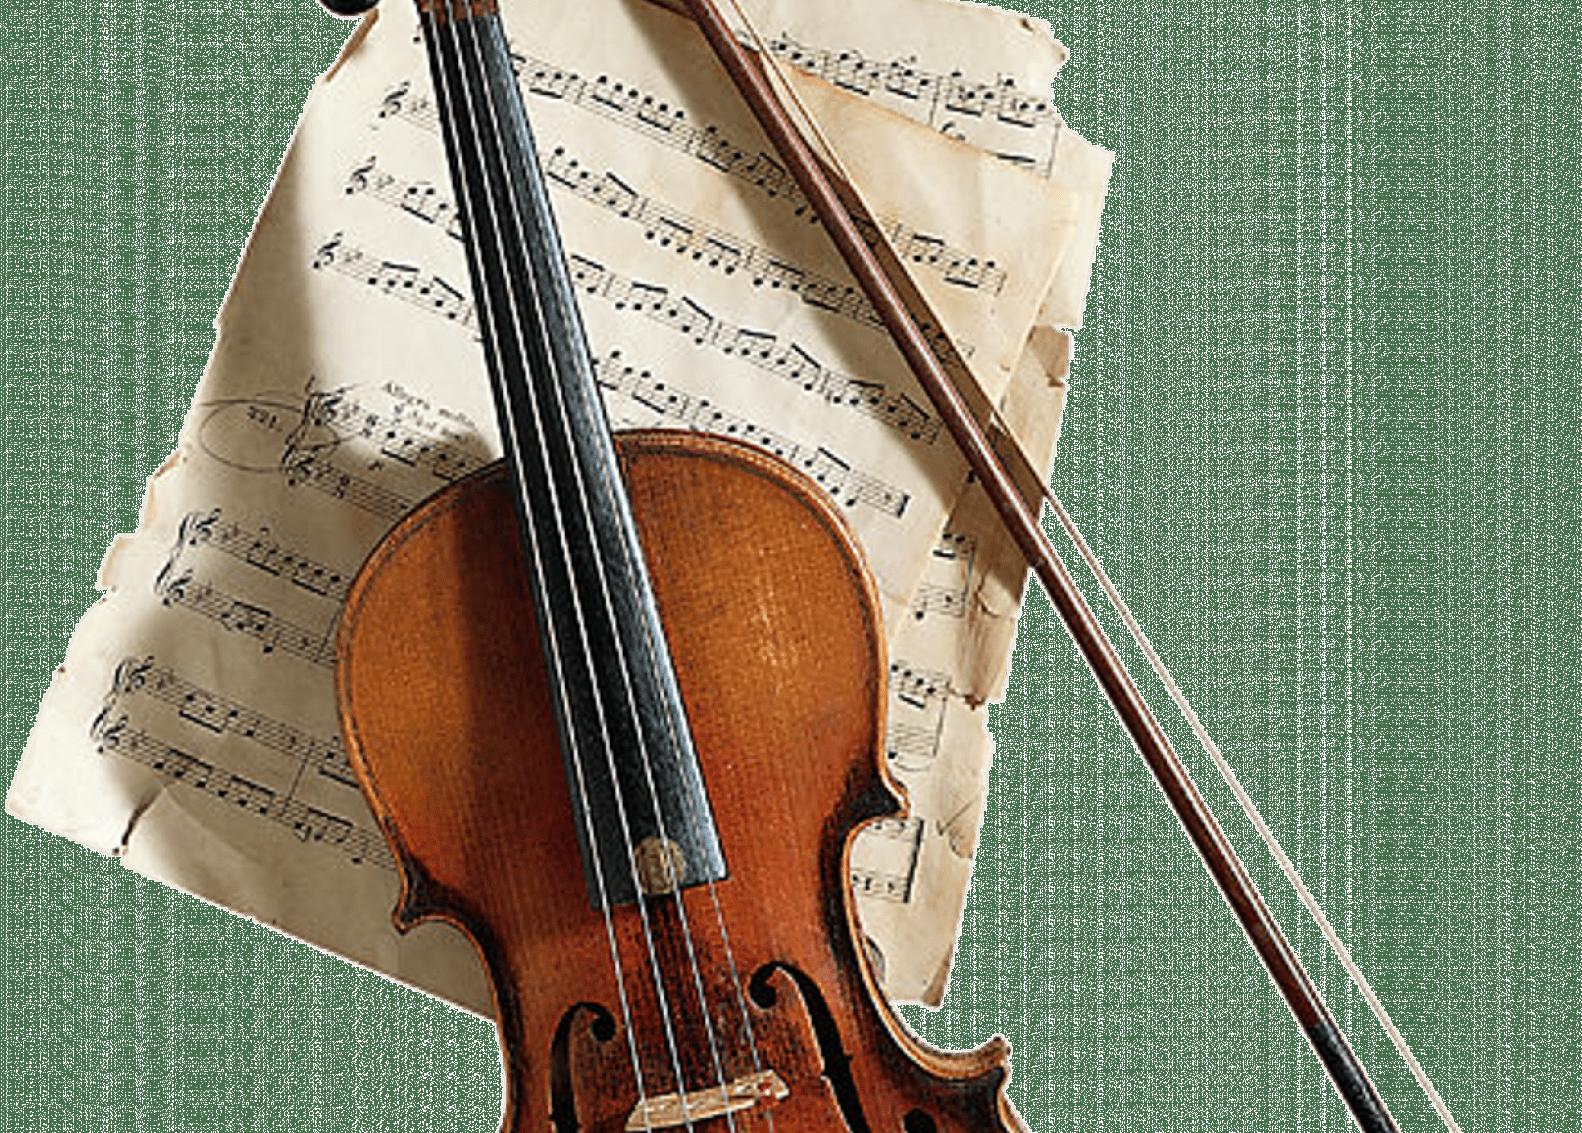 Les troubles musculo-squelettiques des violonistes et altistes